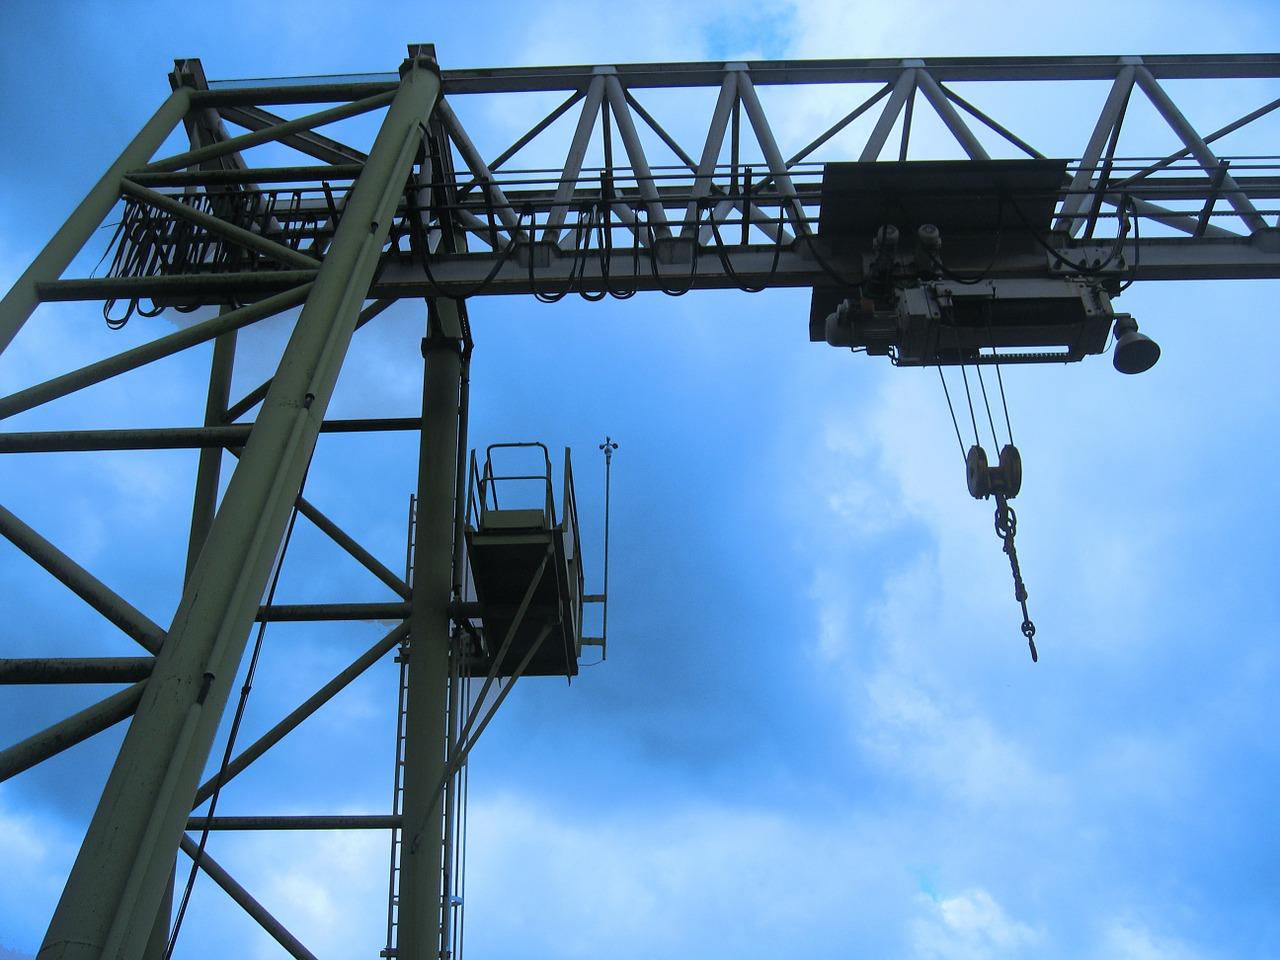 Б.9.6 Монтаж, наладка, обслуживание, ремонт, реконструкция или модернизация подъемных сооружений, применяемых на опасных производственных объектах